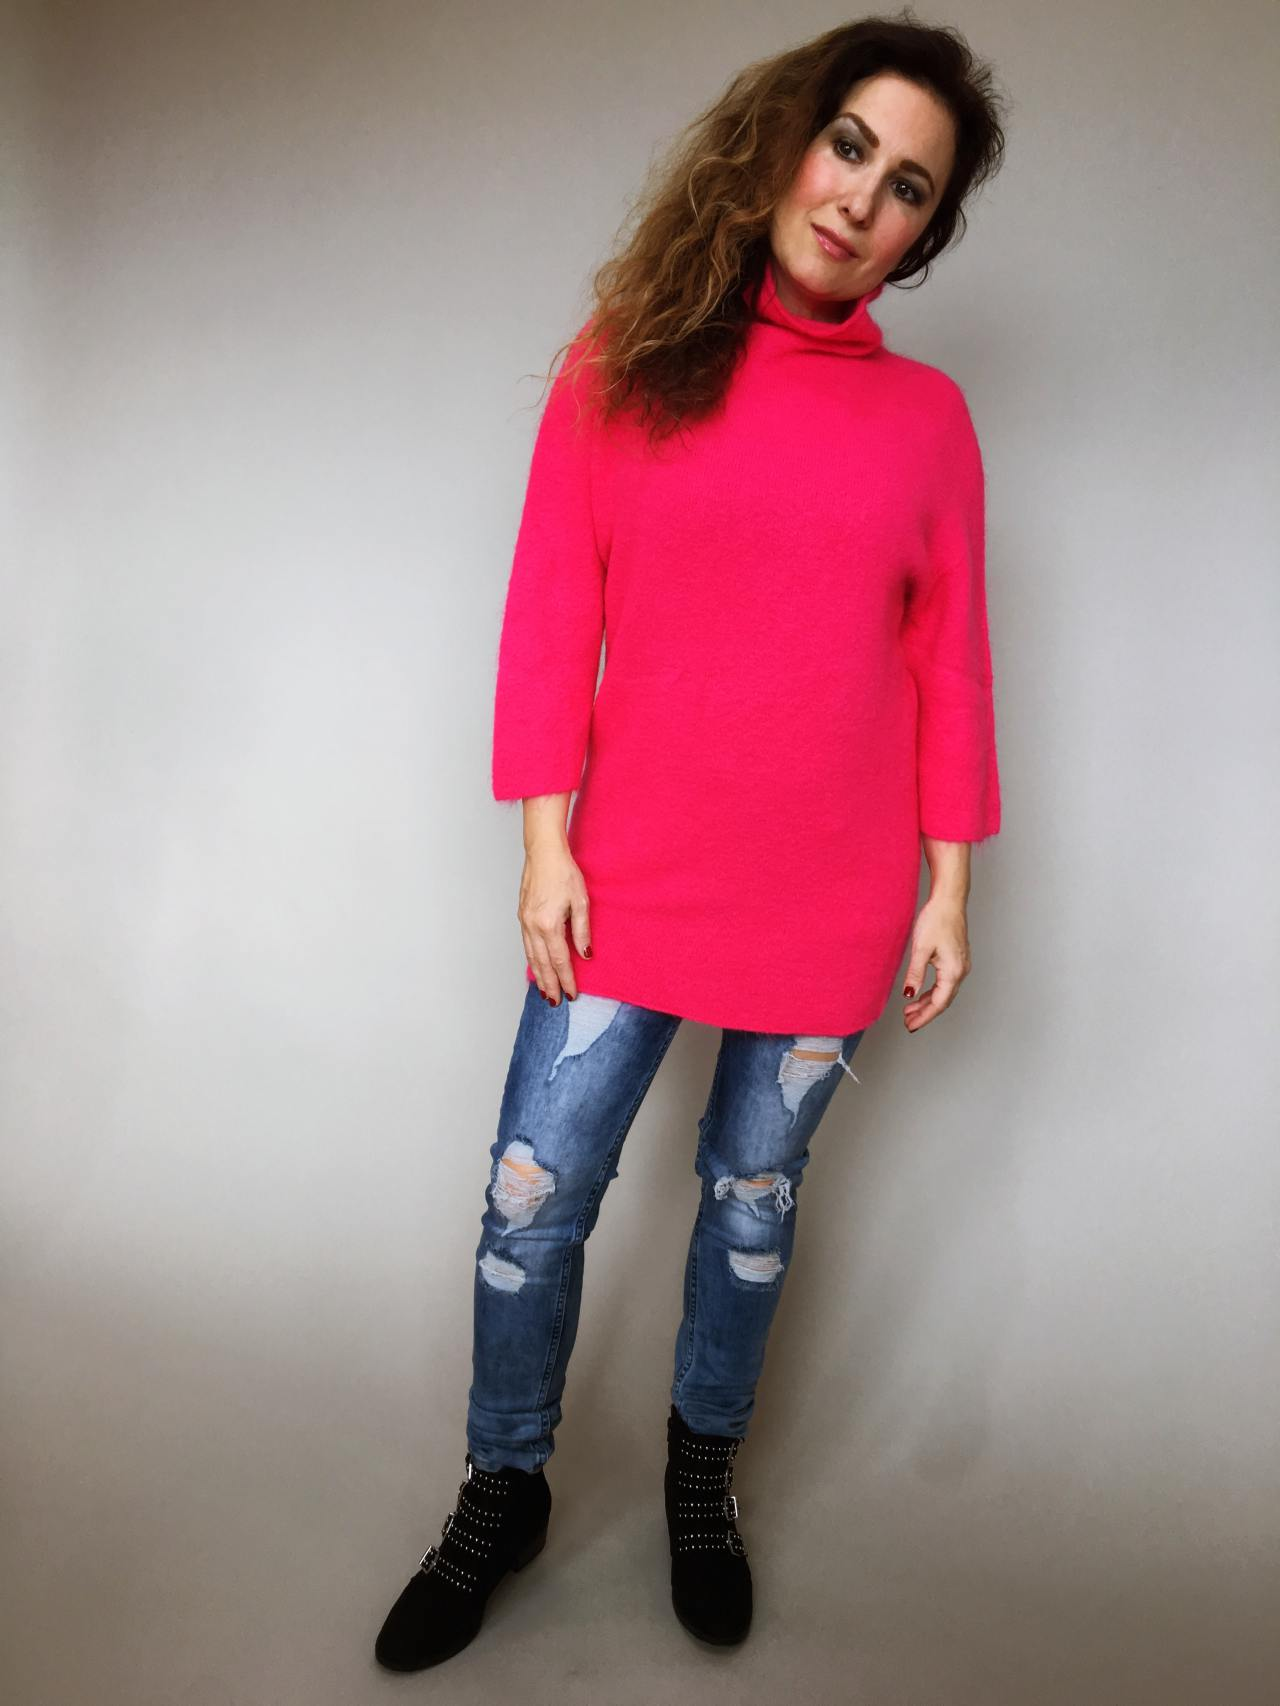 Růžový svetr Lili 01